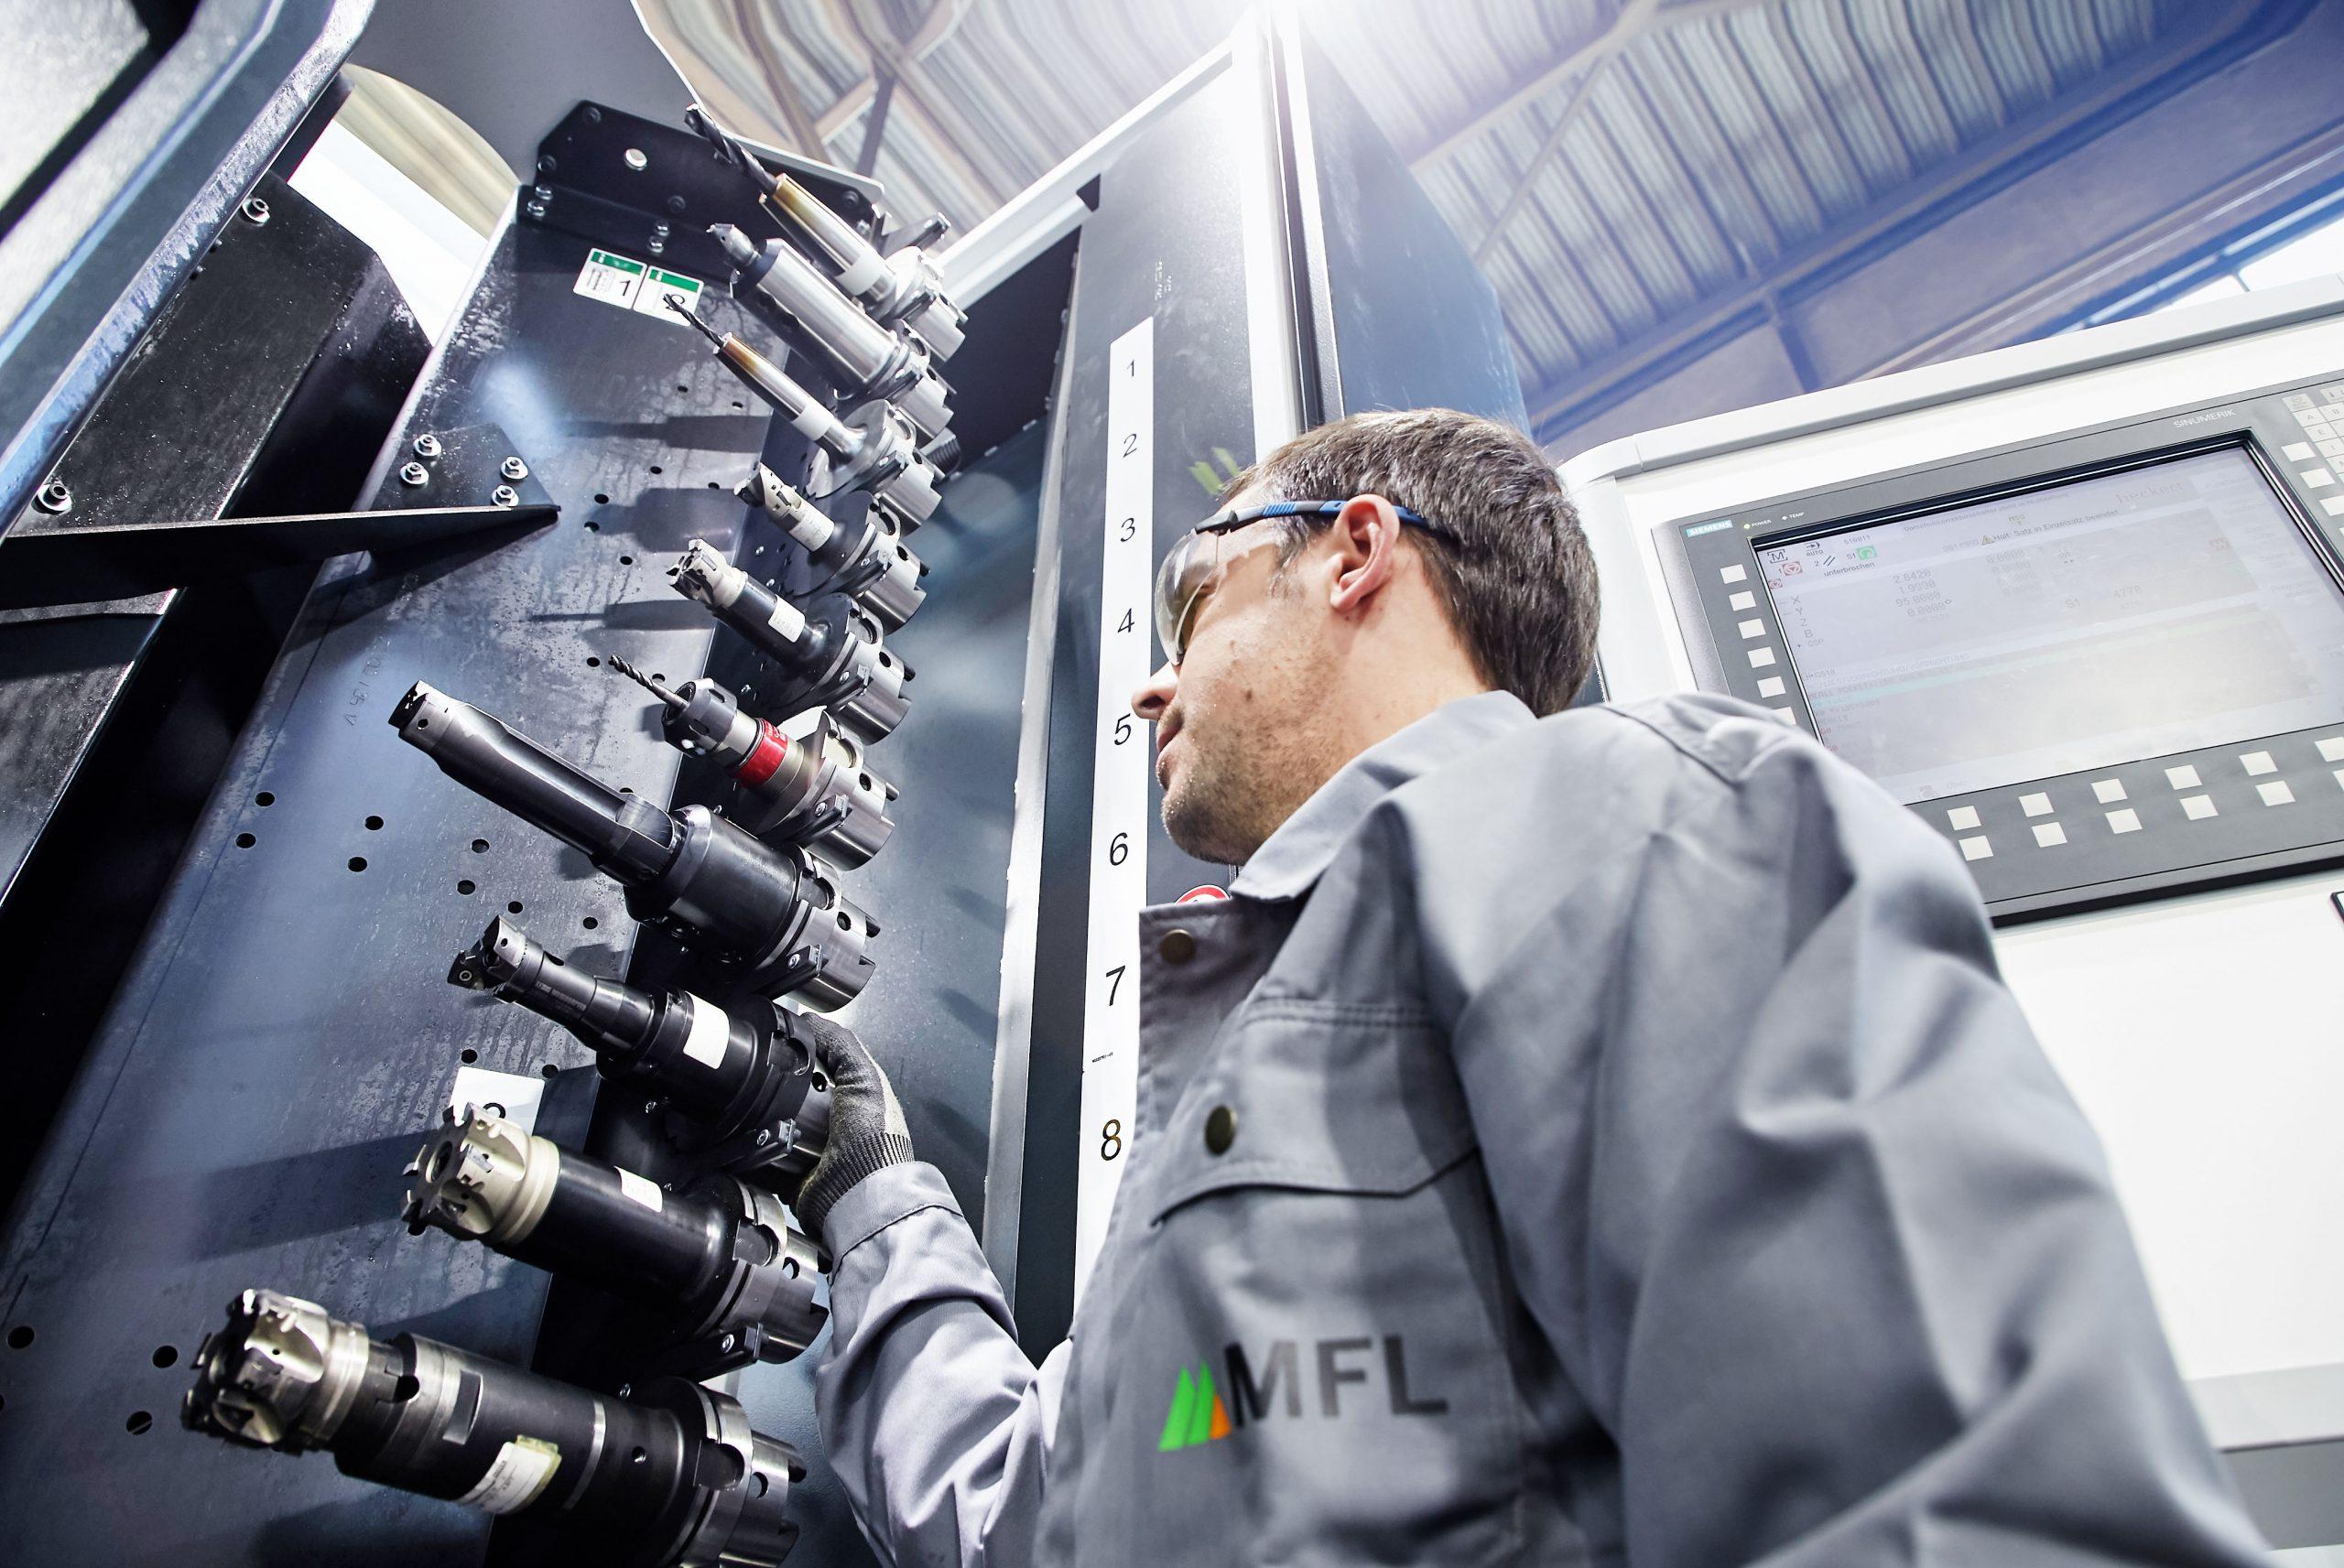 Sämtliche Wertschöpfungsschritte können im Liezener Bahnkompetenzzentrum dargestellt werden (Credit: MFL)